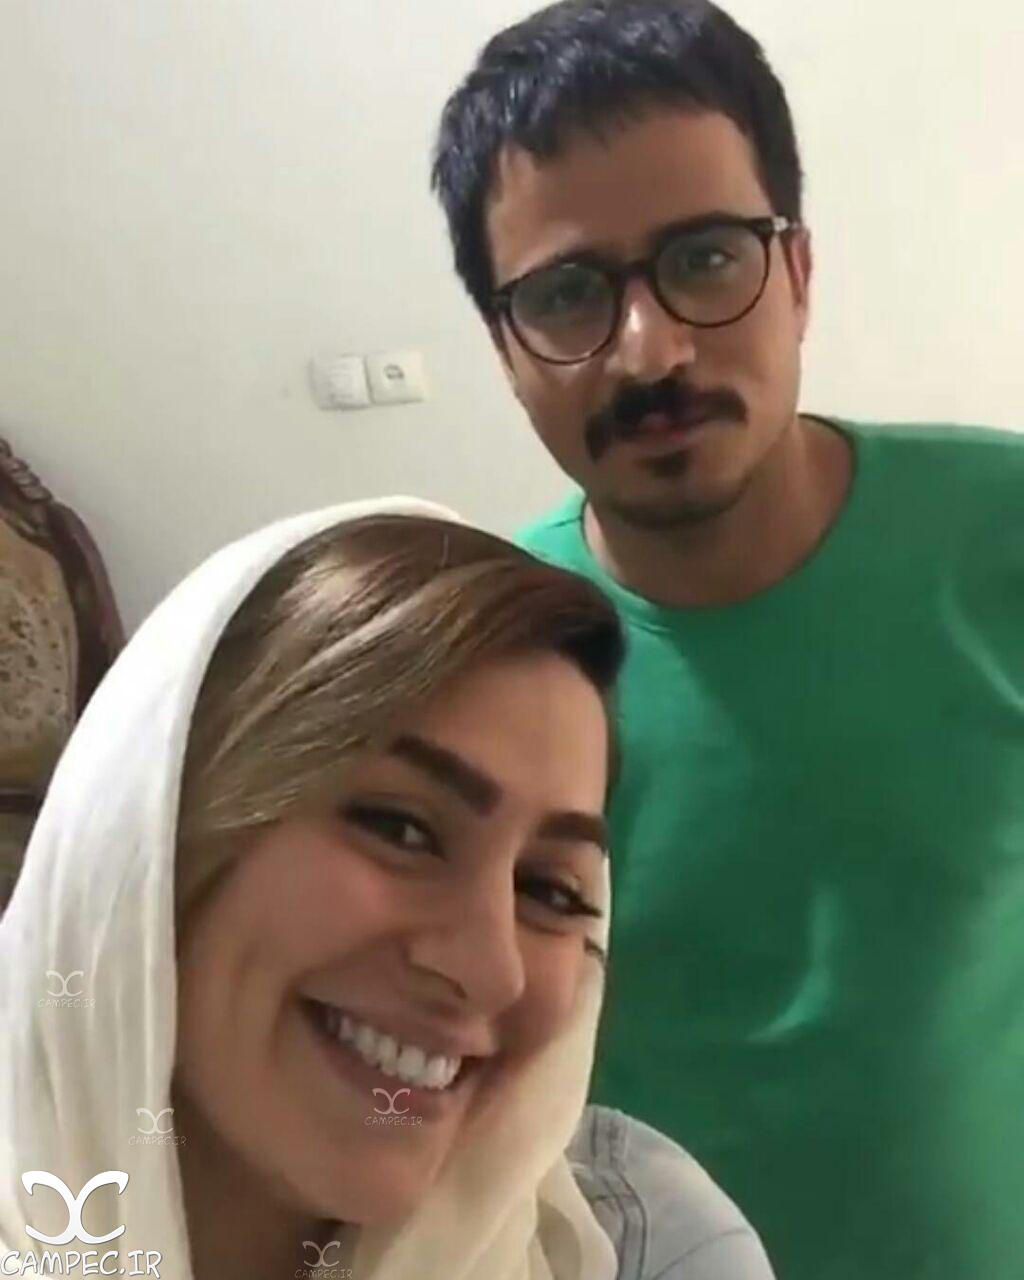 سمانه پاکدل و حسین سلیمانی بازیگران سریال همسایه ها